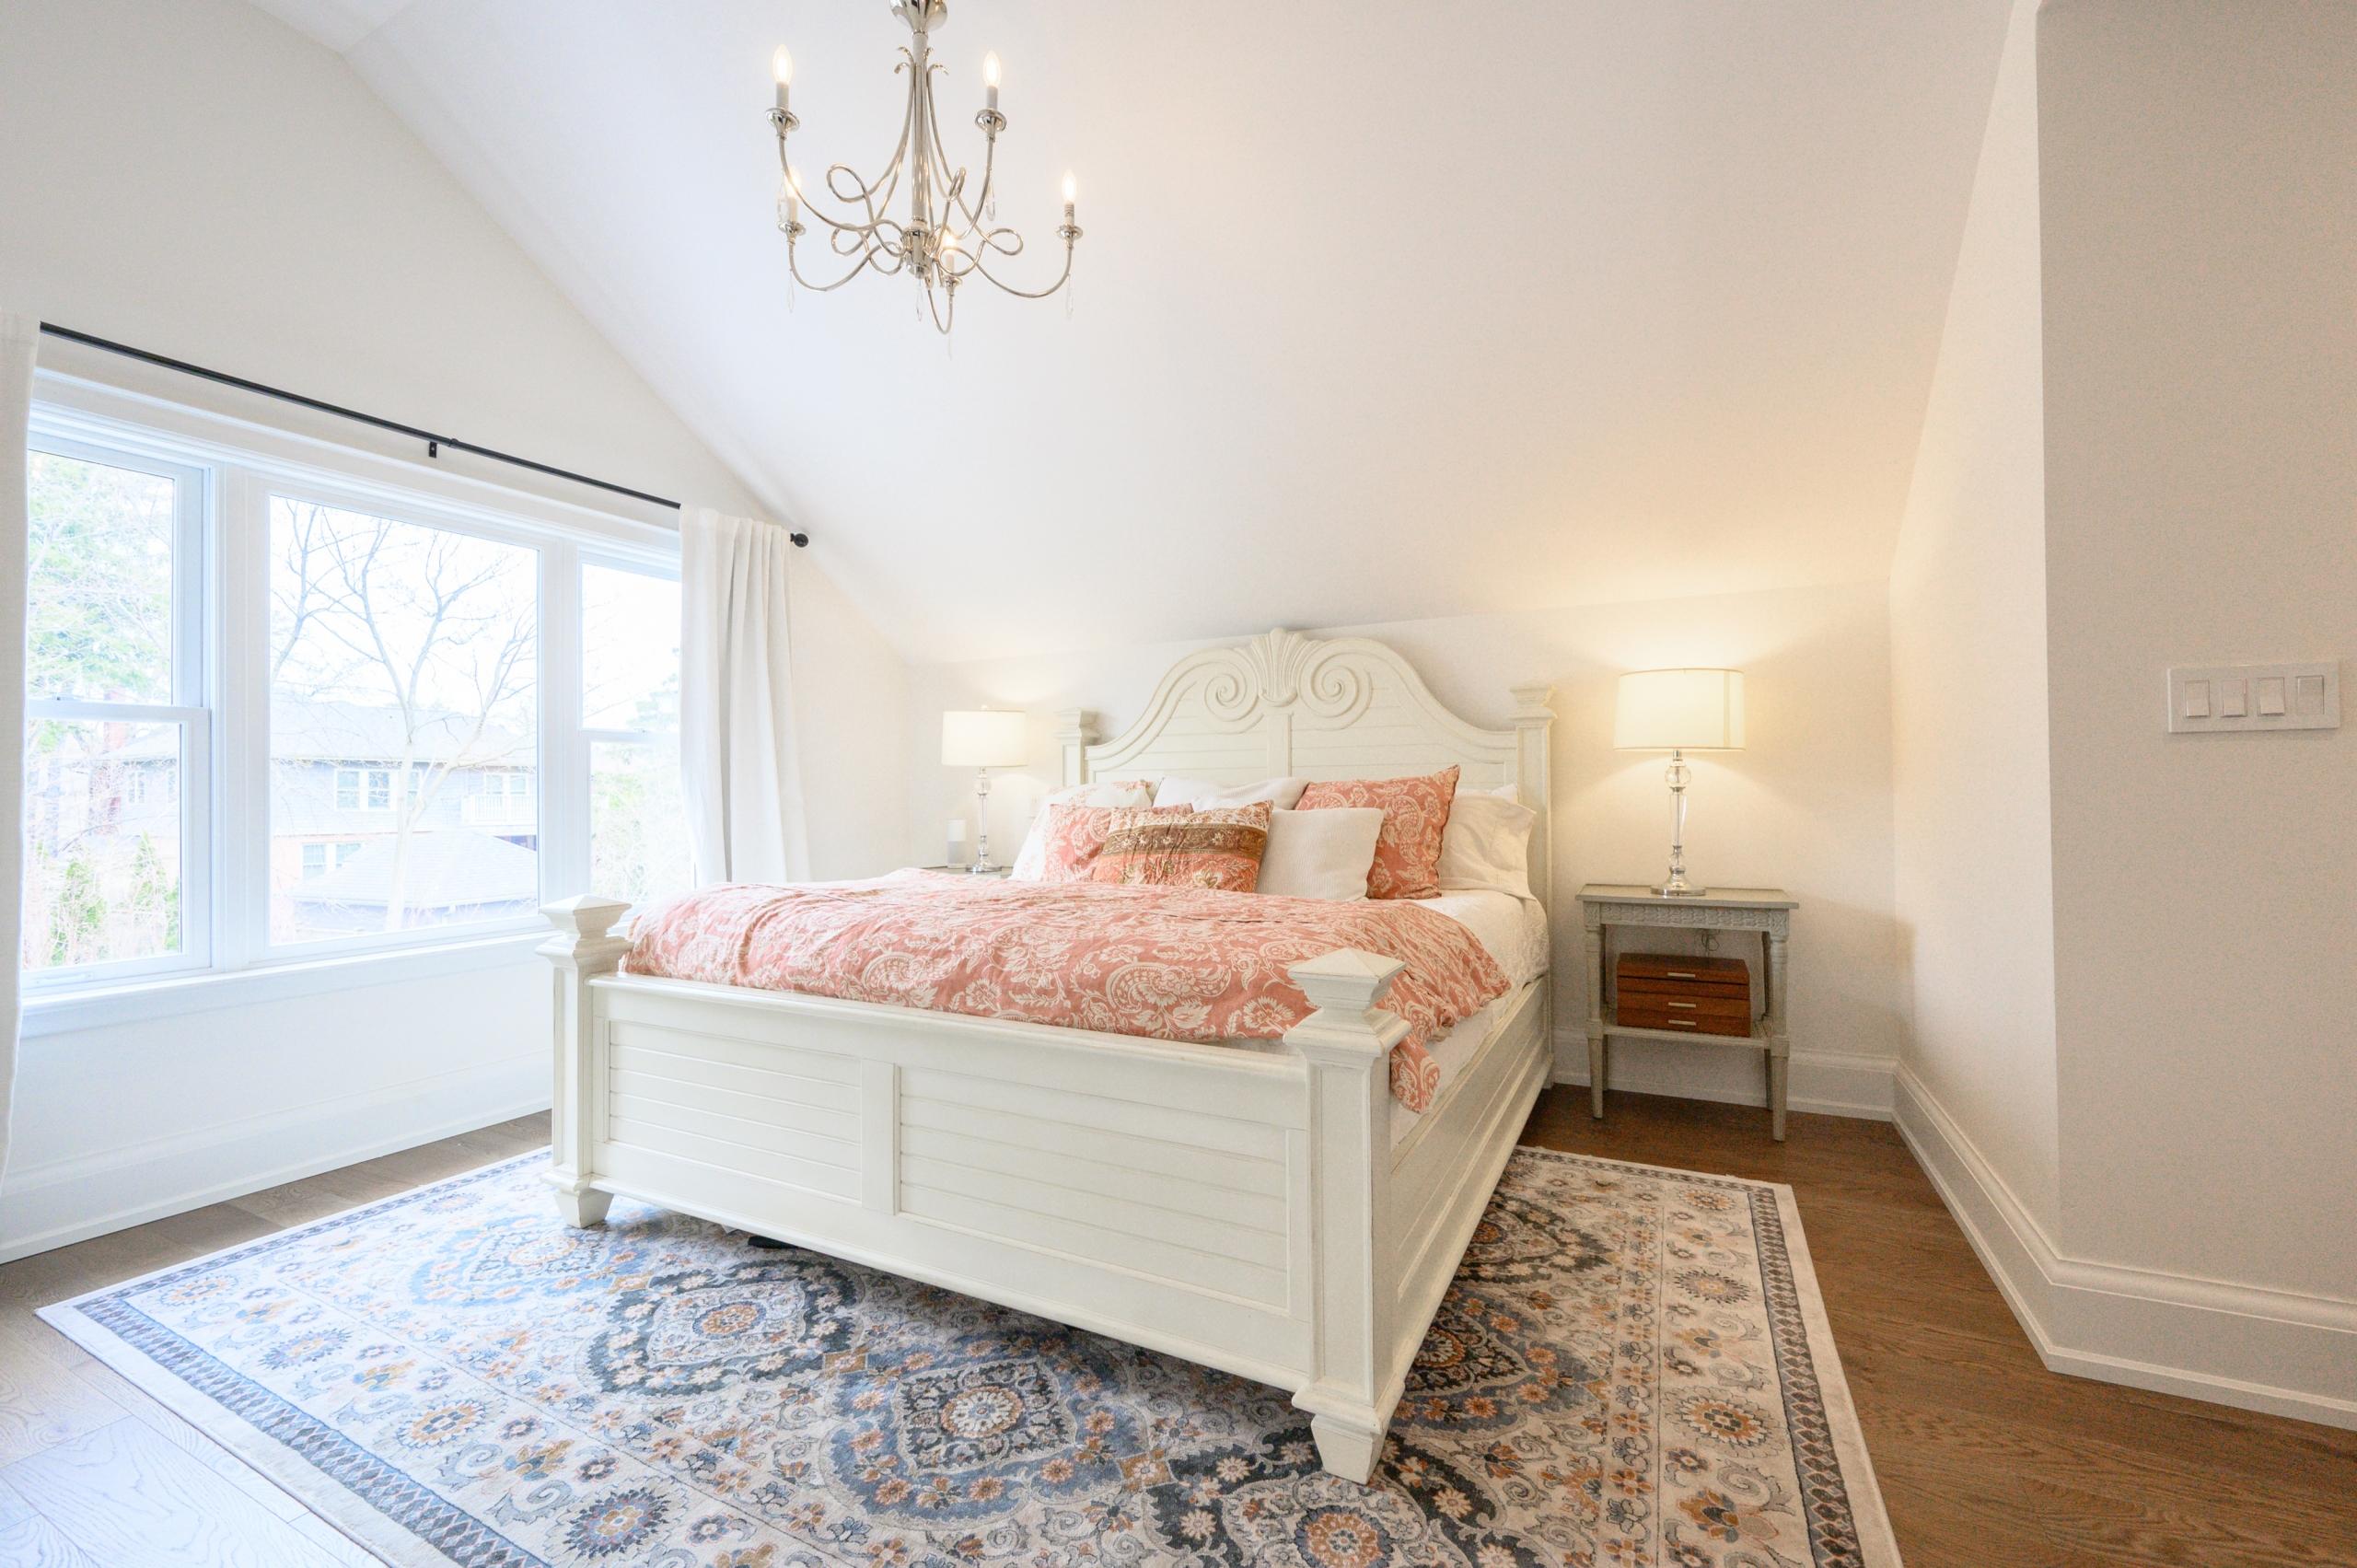 Bedroom featured at 199 Allan Street, Old Oakville, ON at Alex Irish & Associates